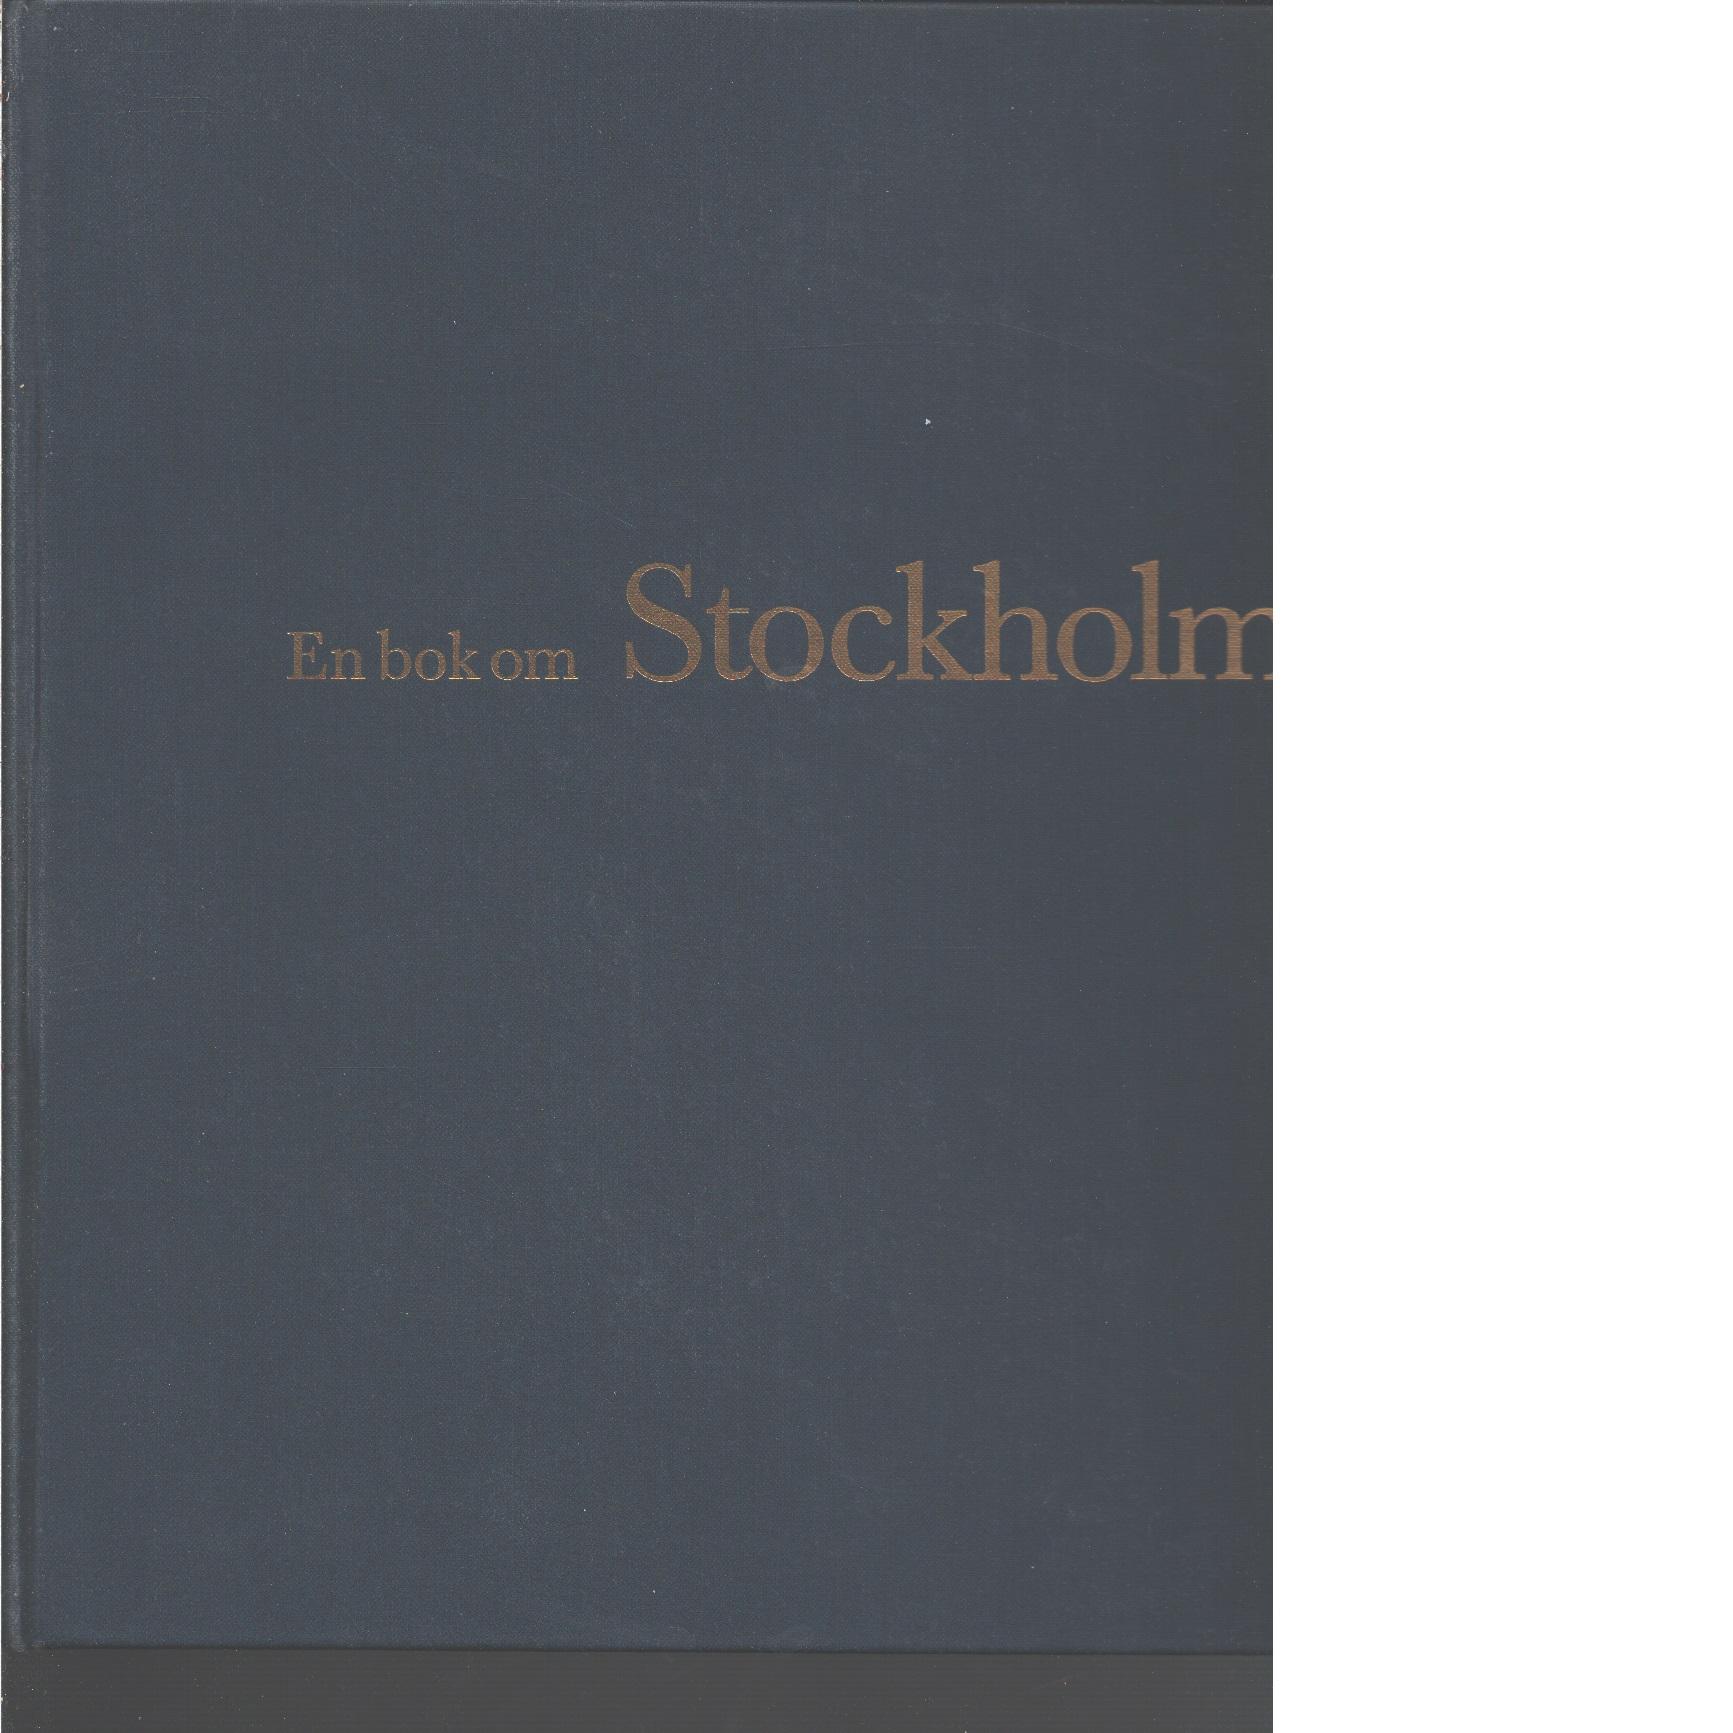 En bok om Stockholm - Fogelström, Per Anders